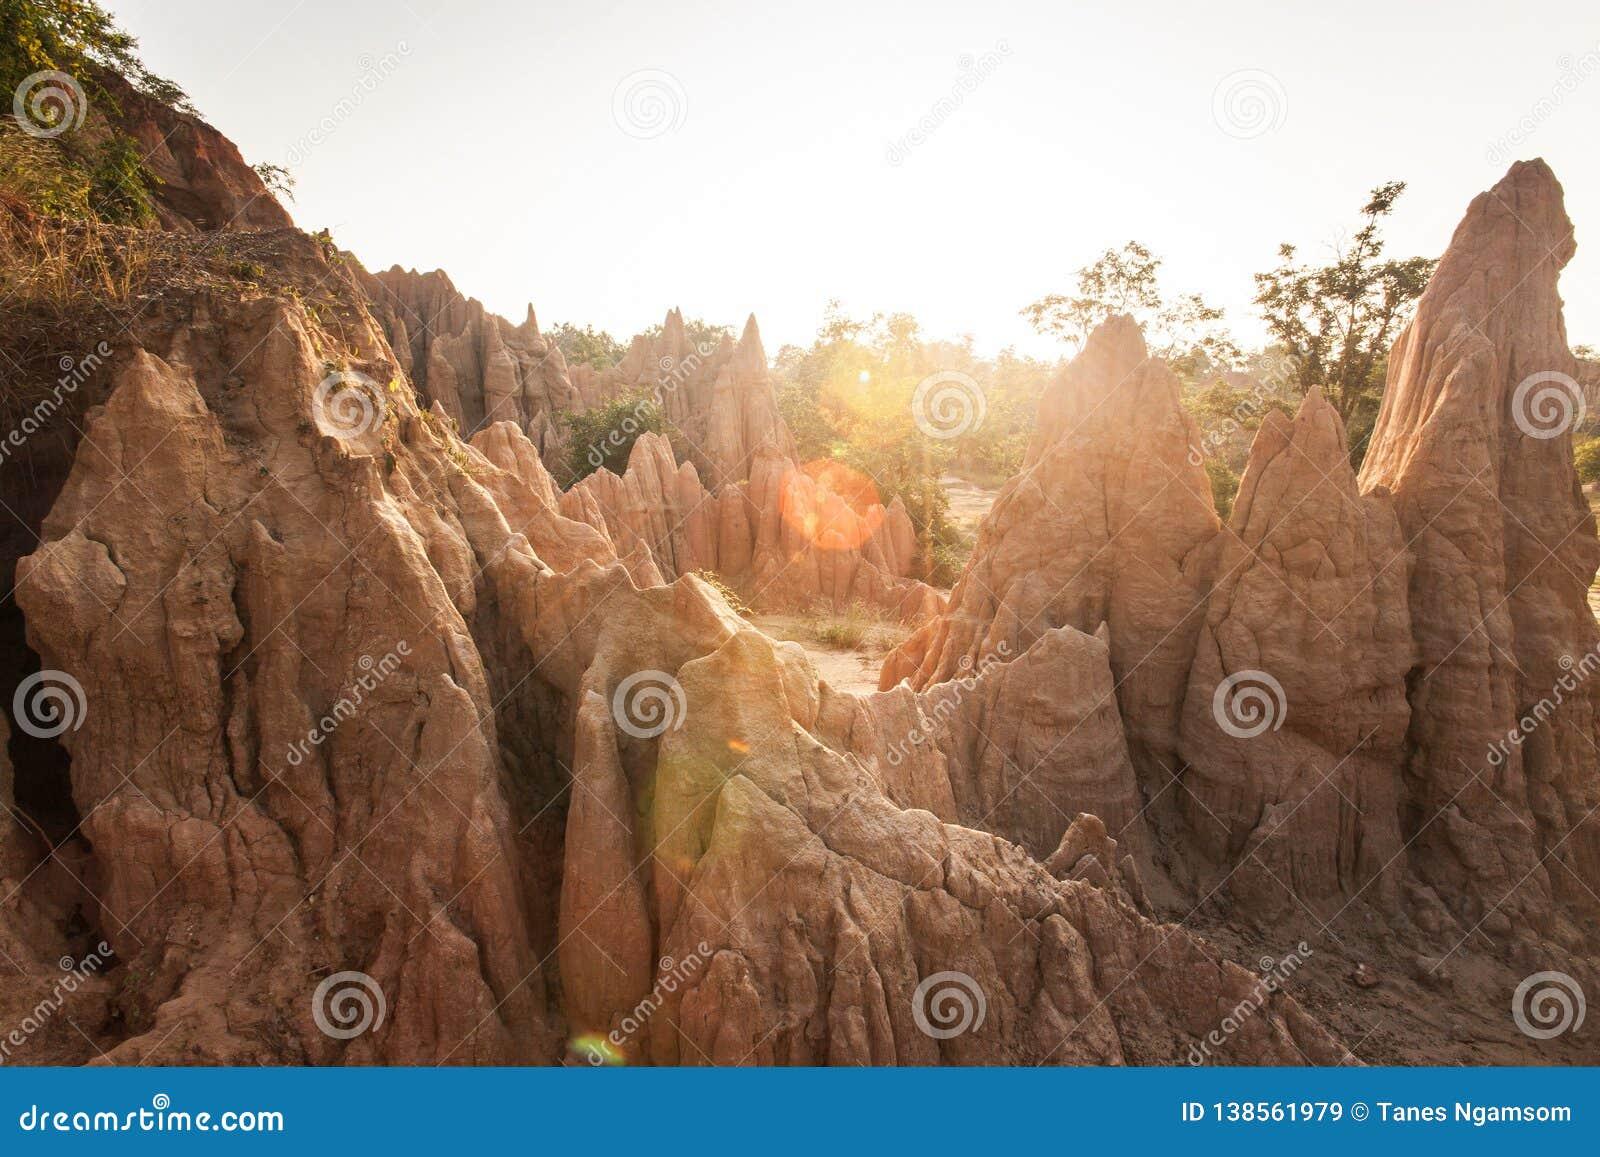 Ο χρυσός ήλιος λάμπει κάτω από γύρω από το γραφικό τοπίο επιδείξεων περιοχών NA Noi Σάο DIN των διαβρωμένων στυλοβατών ψαμμίτη Αρ